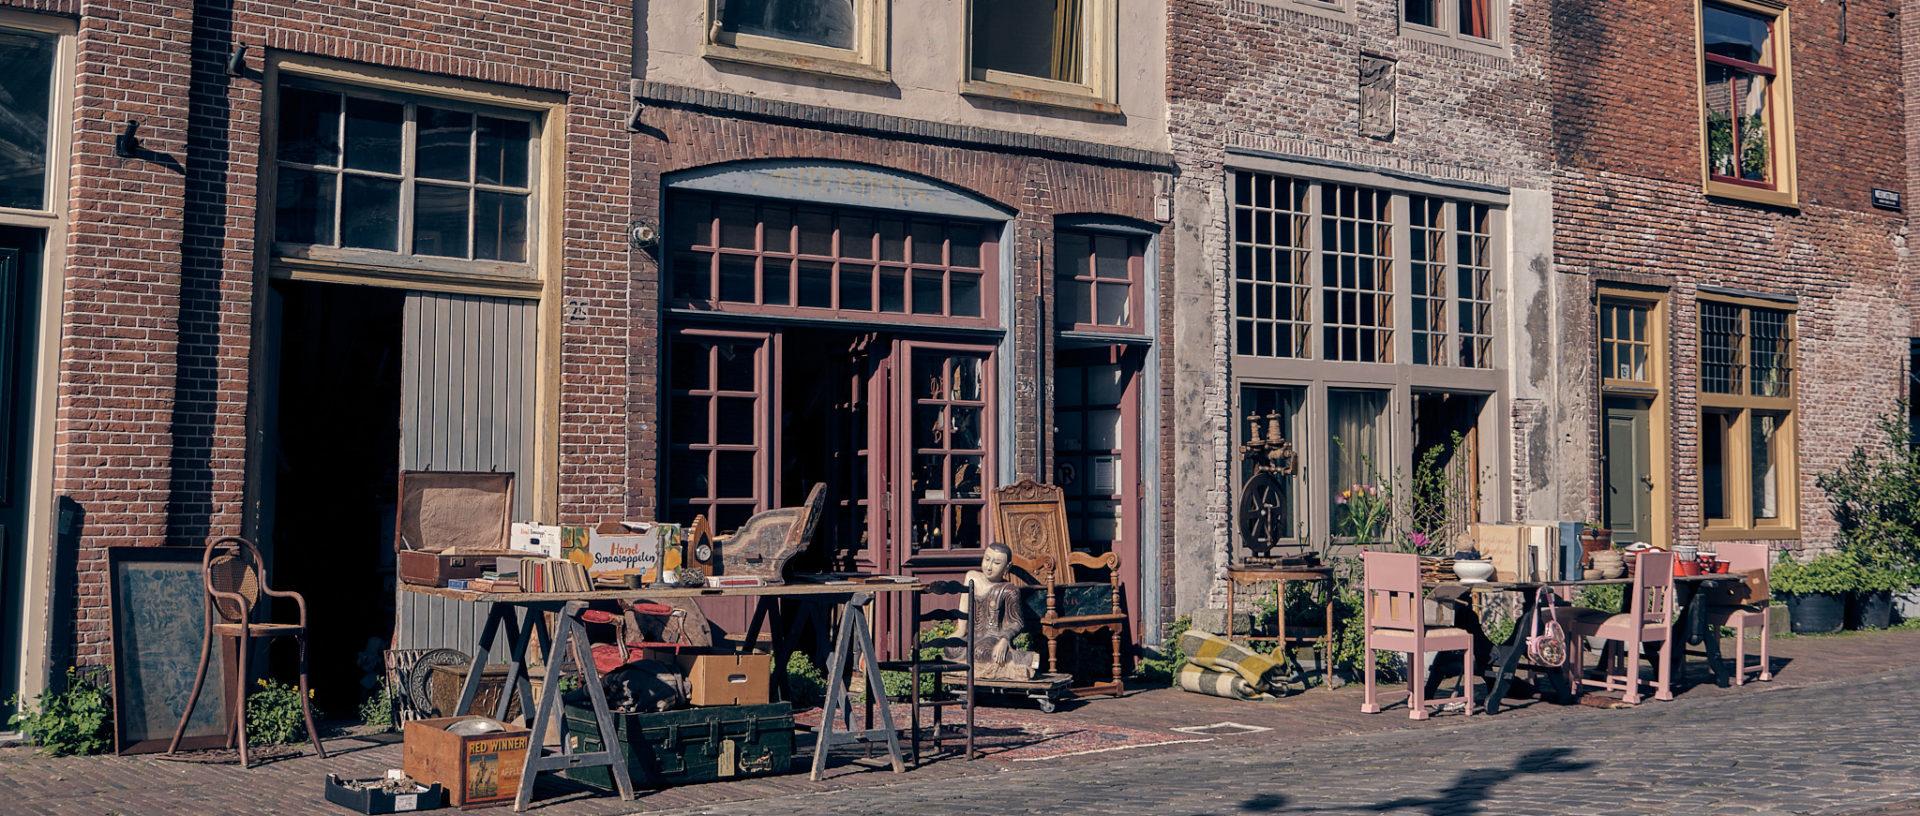 Anterieur Leiden